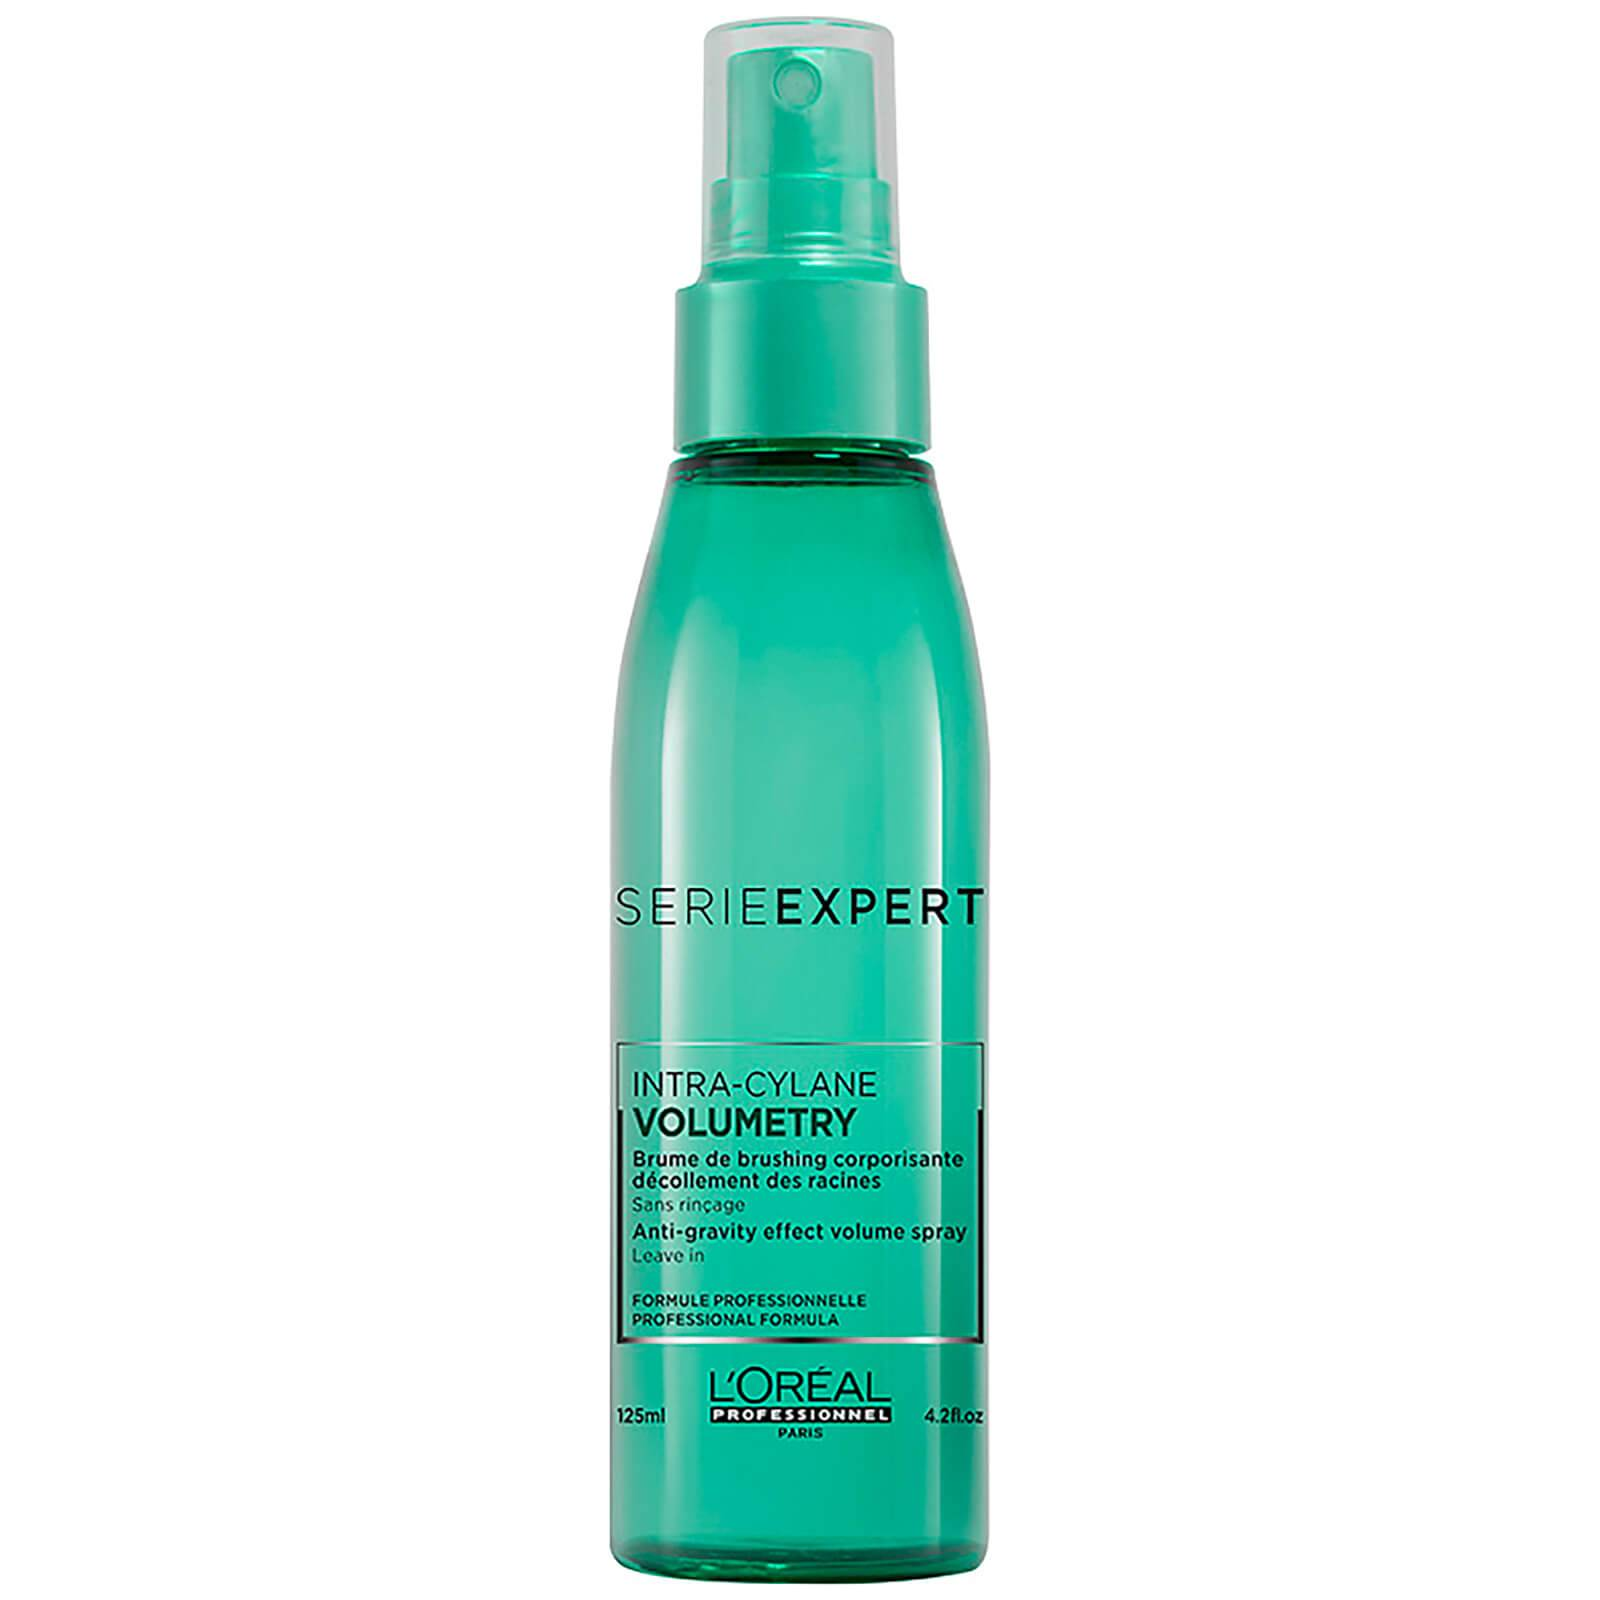 LOréal Professionnel L'Oréal Professionnel Serie Expert Volumetry Root Spray 125ml